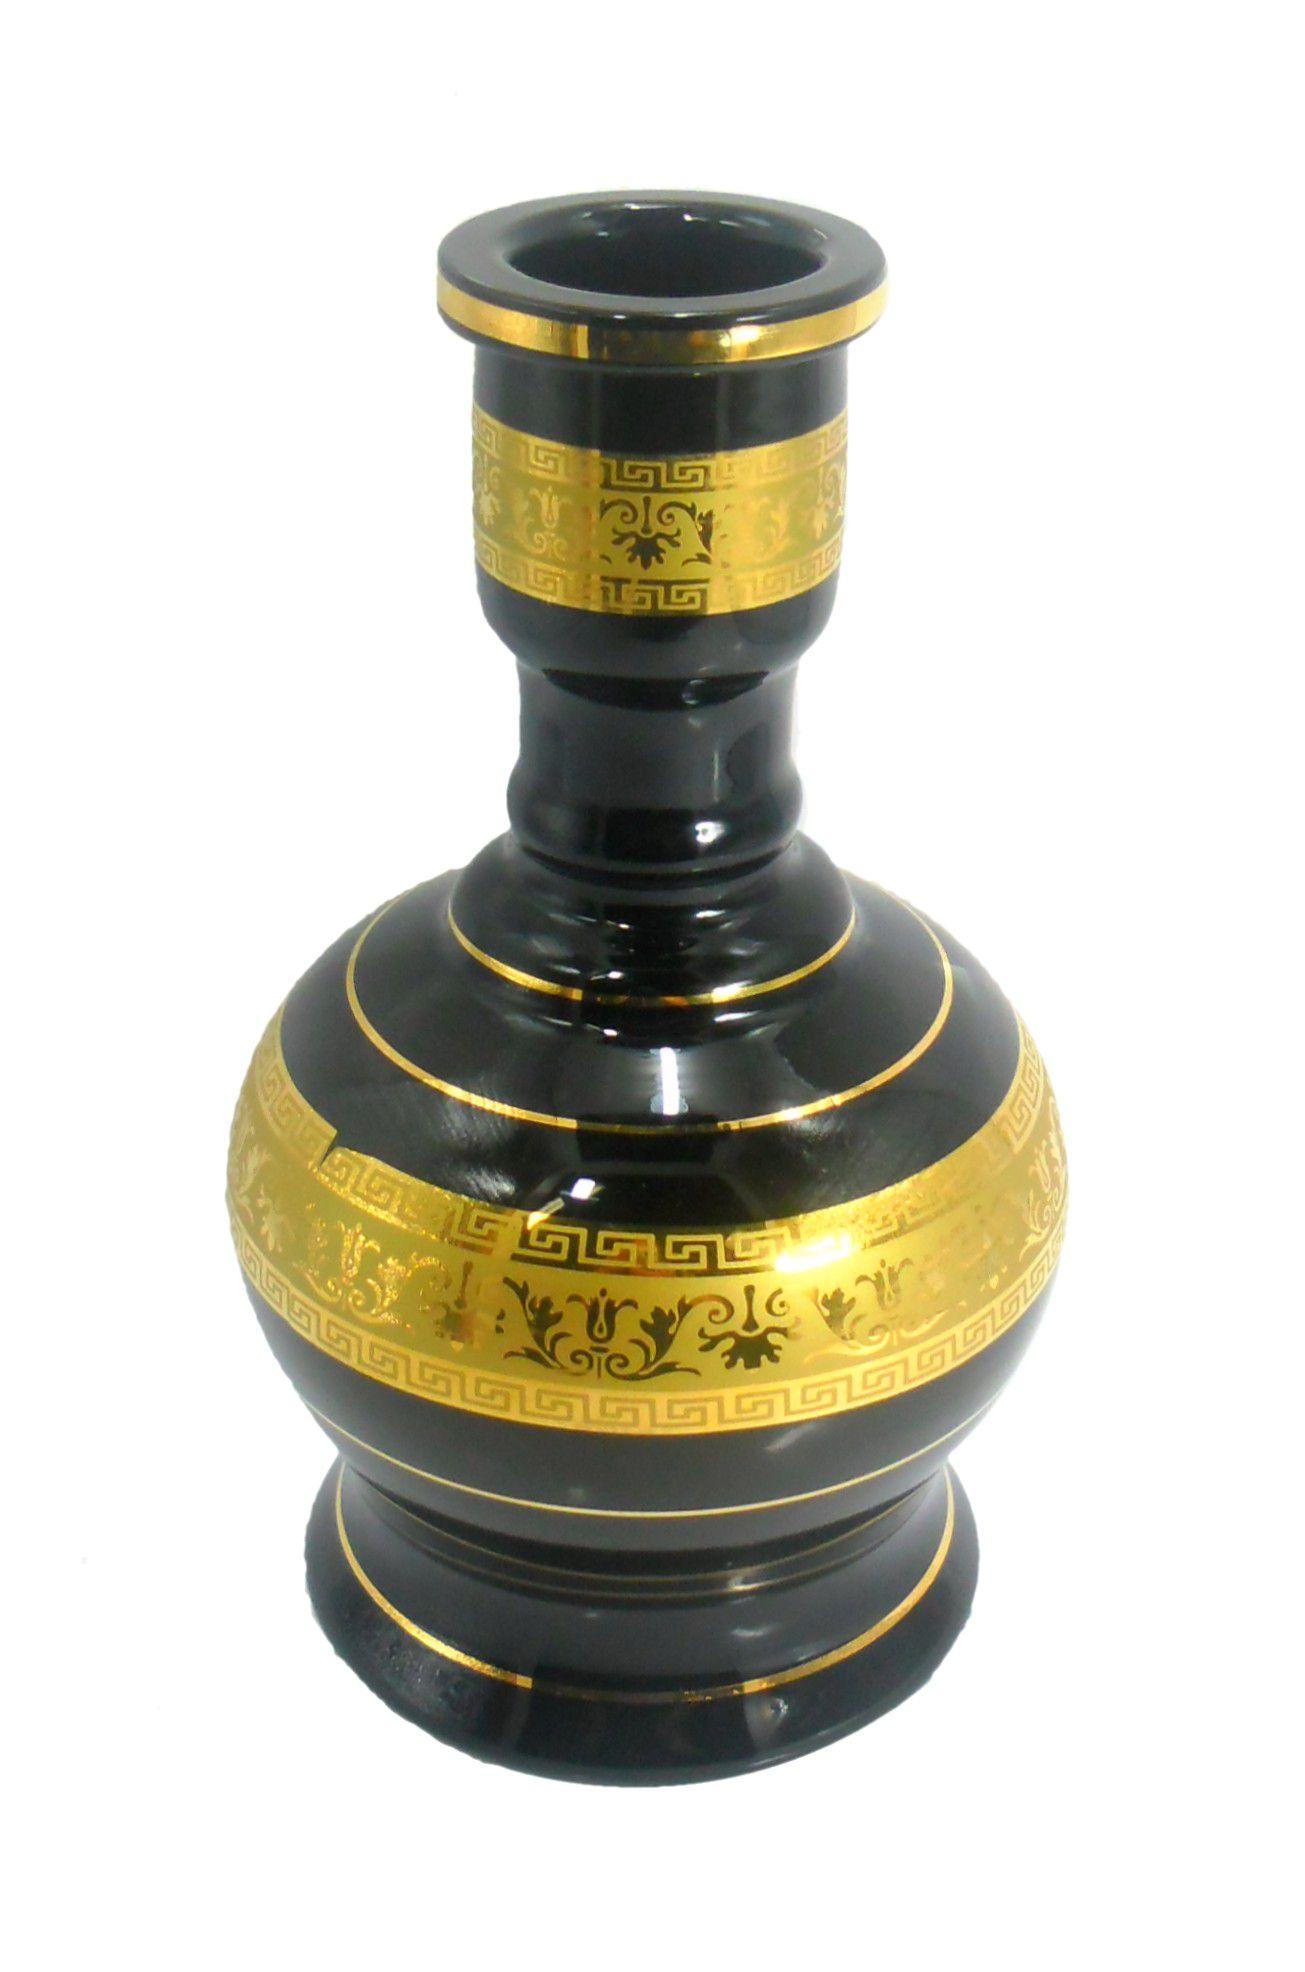 Vaso/base para narguile JUMBO MÉDIO 24cm, decoração faixa grega em dourado. 5cm diâmetro encaixe